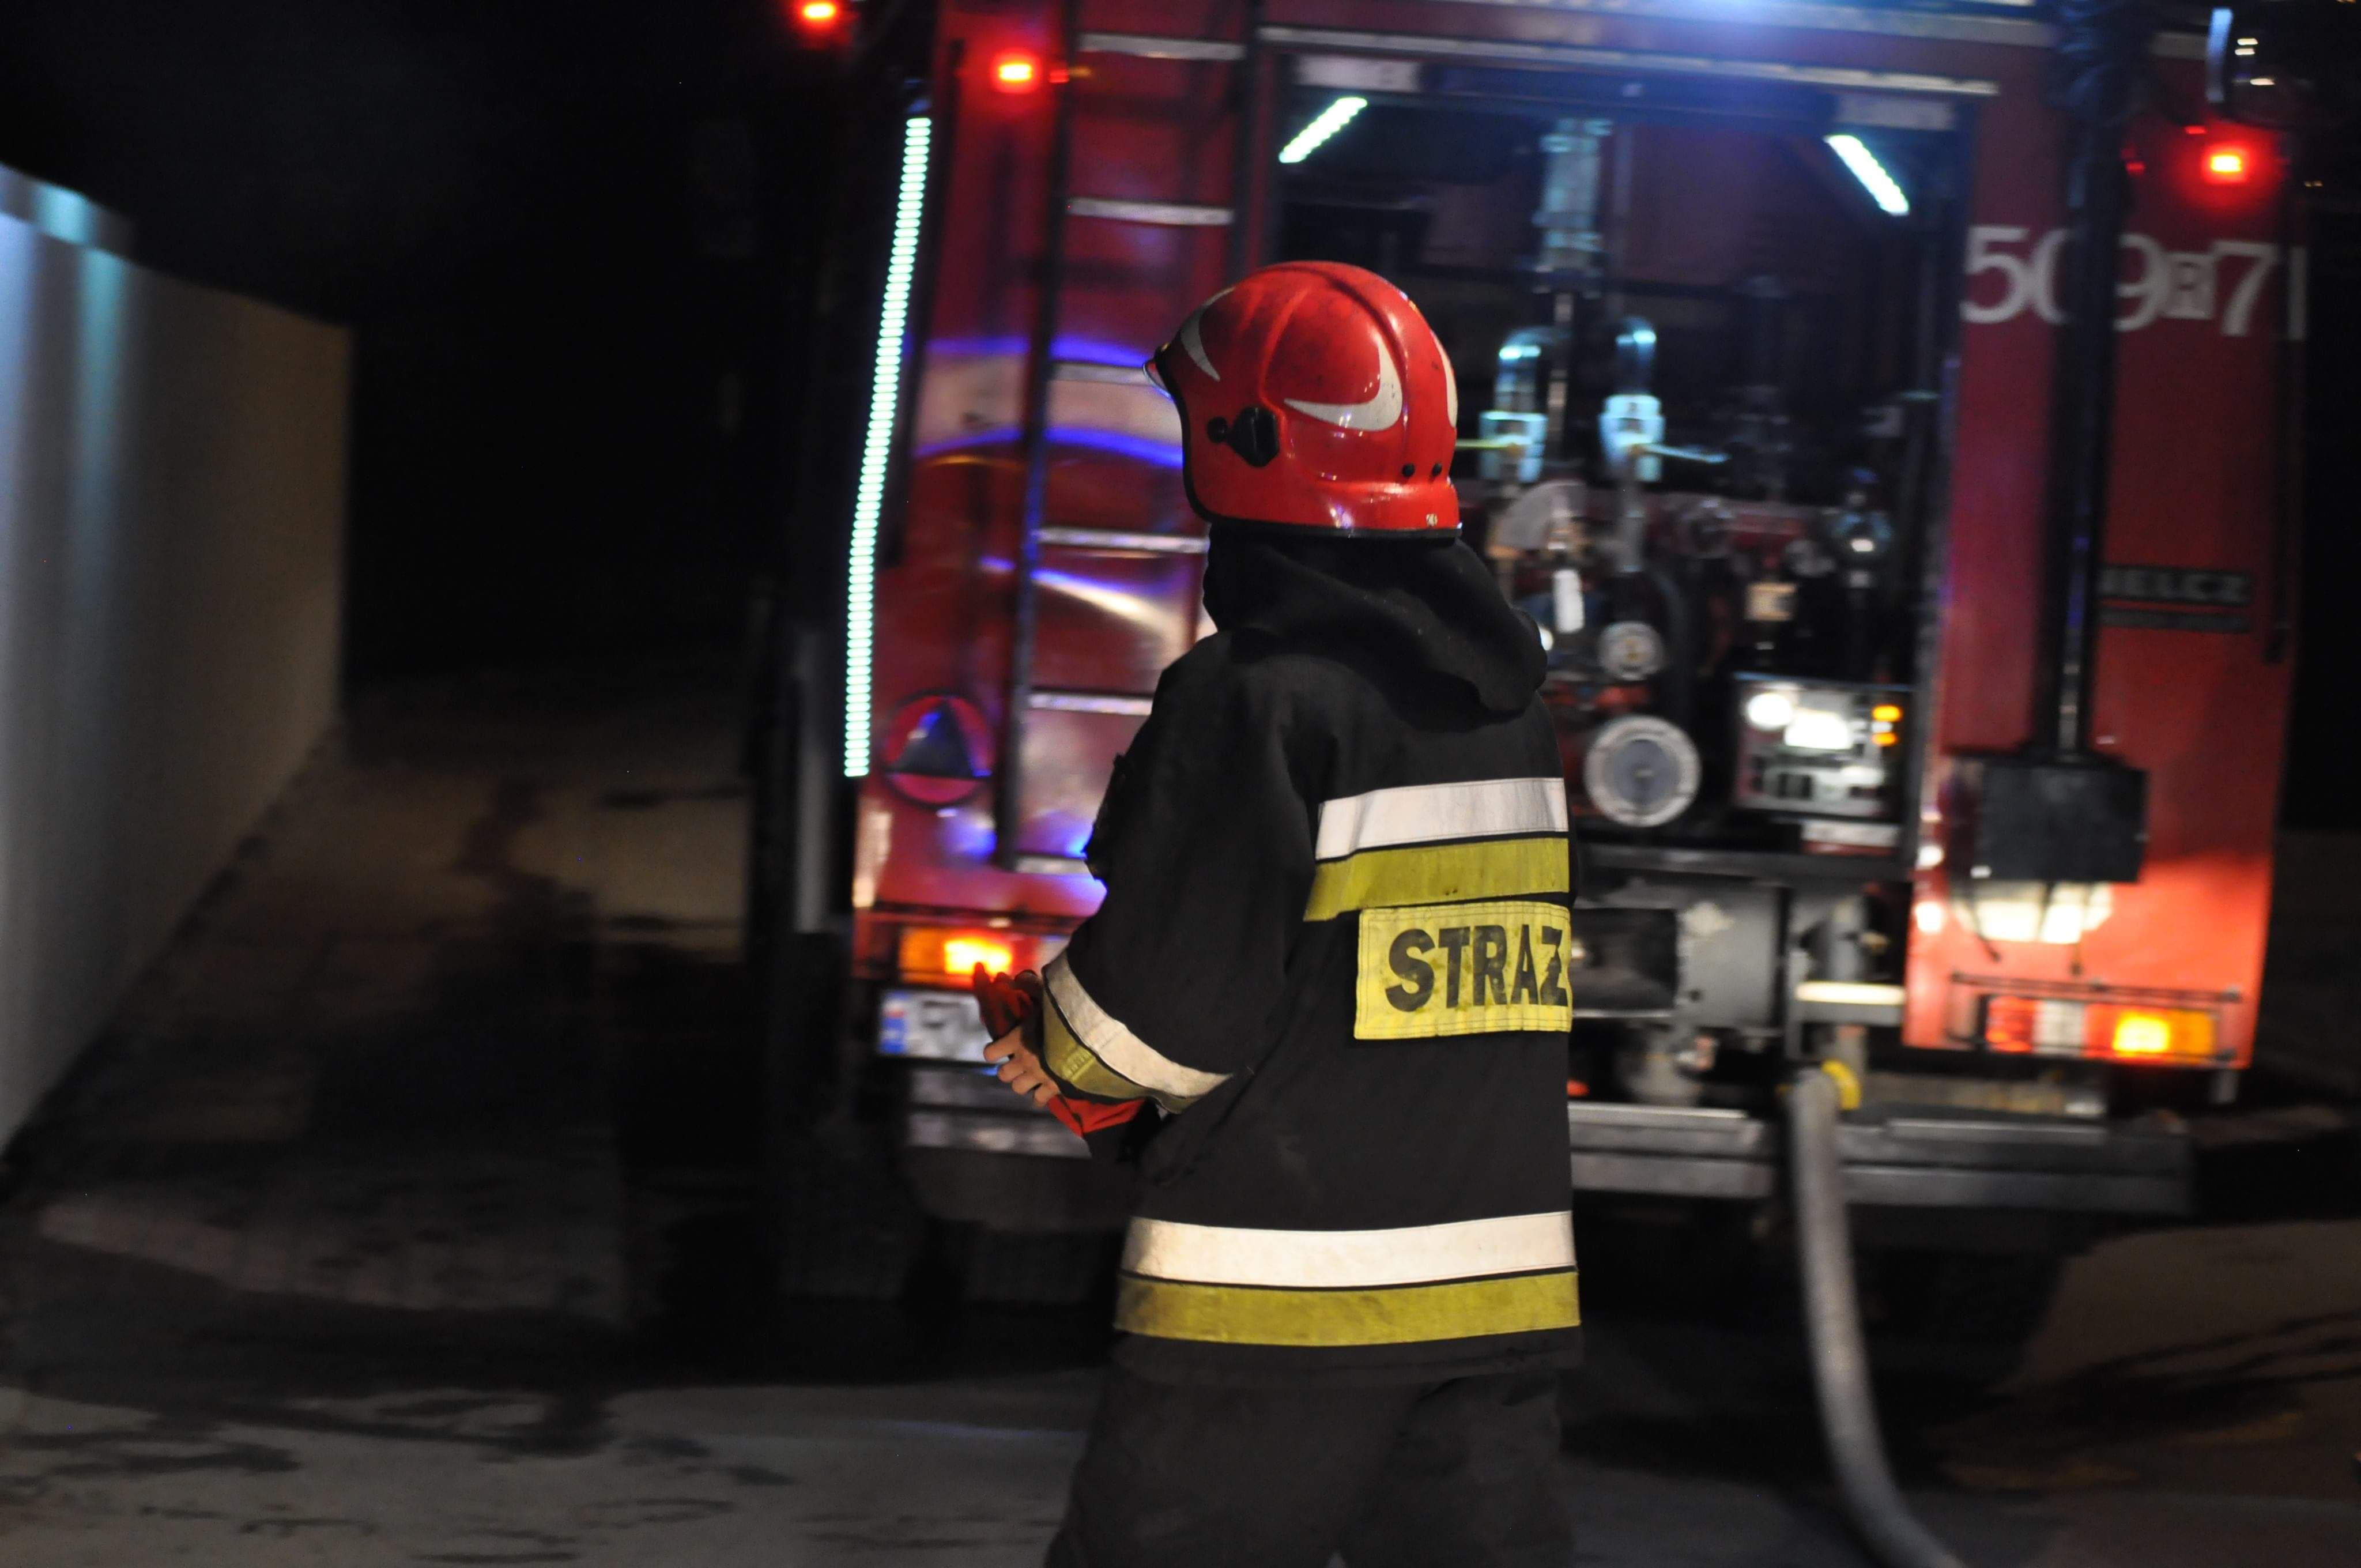 Z PODKARPACIA. Płonie złomowisko samochodów! - Zdjęcie główne